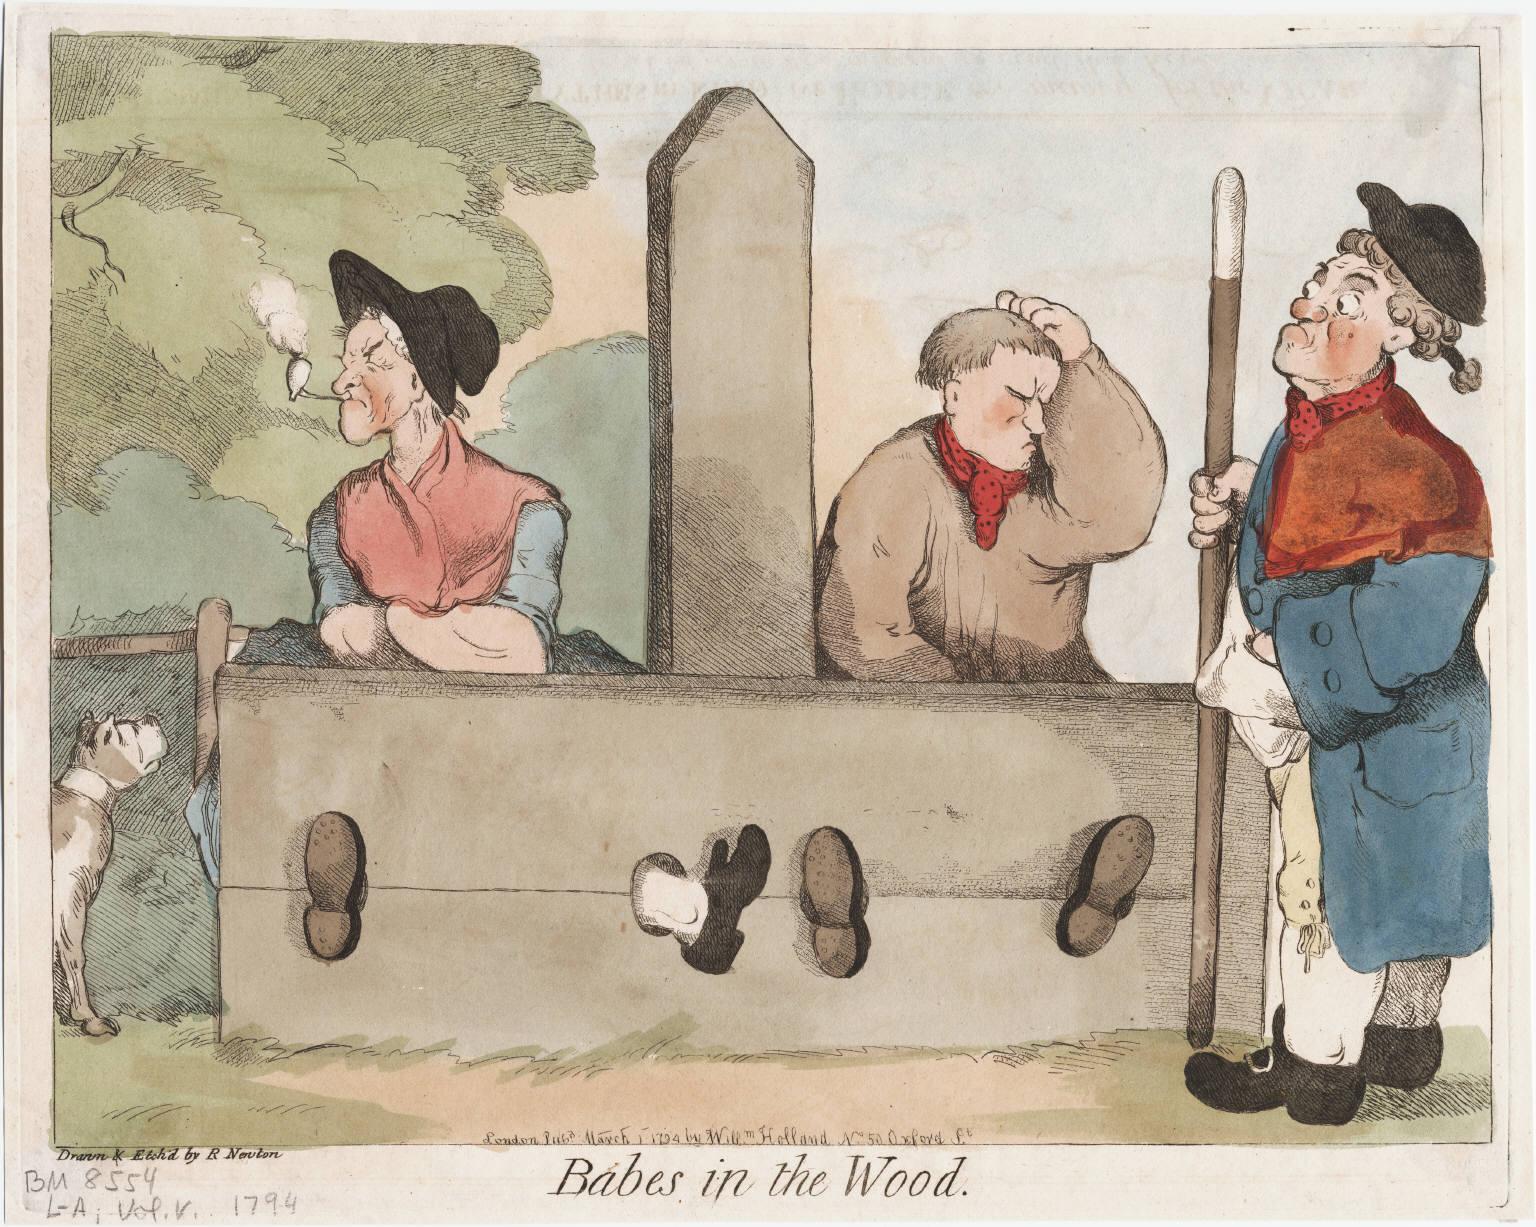 18th century crime and punishment